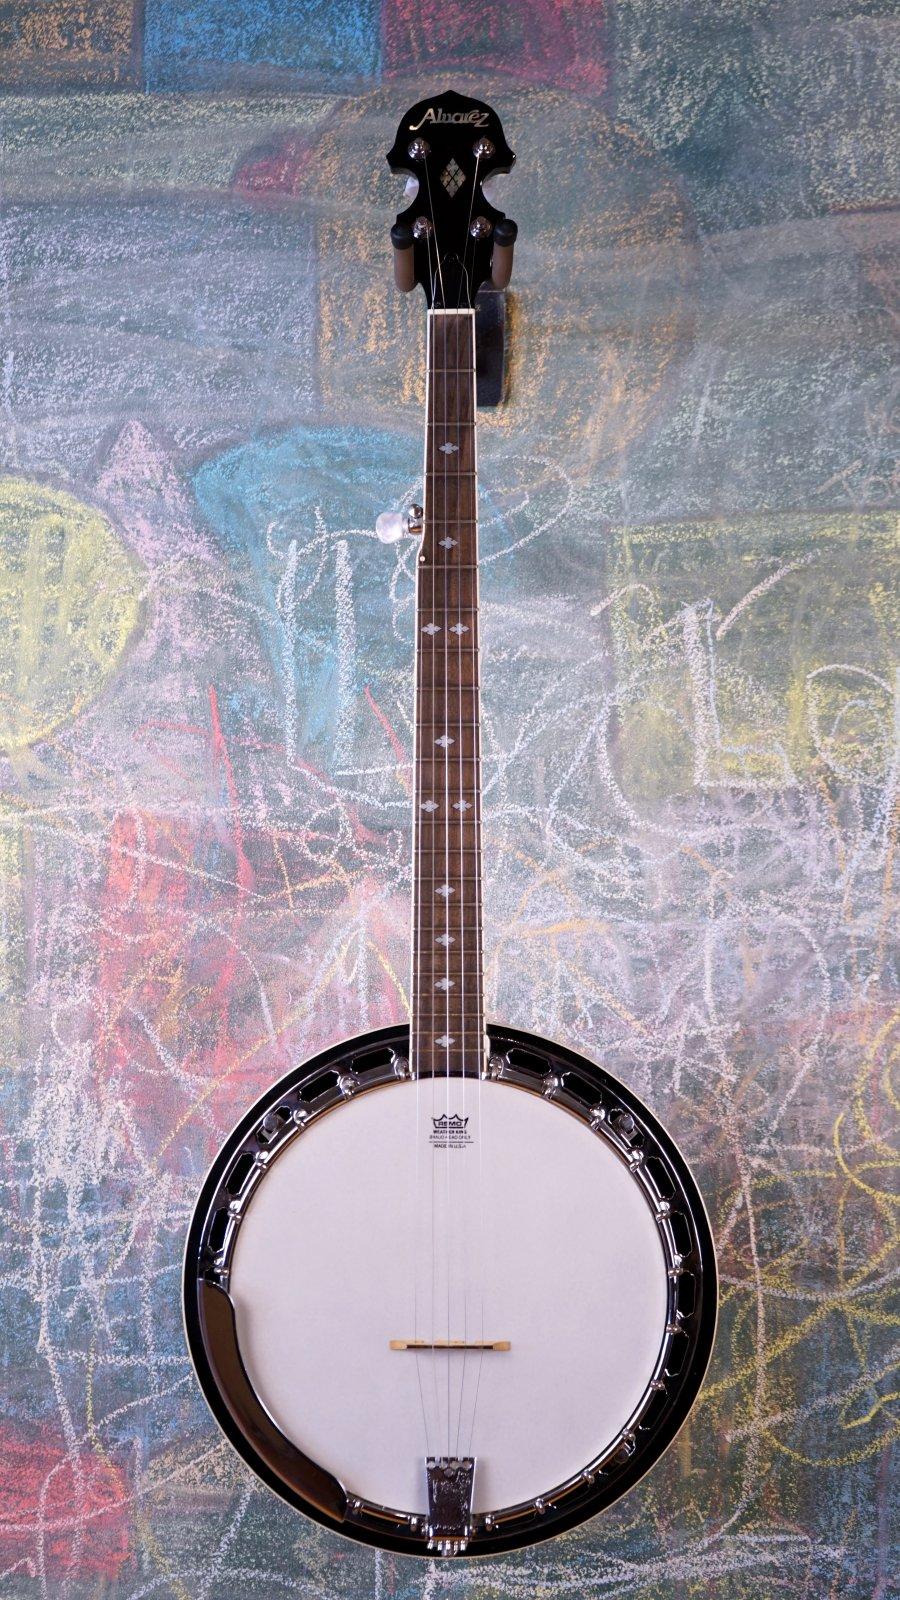 Used Alvarez 5-String Banjo w/ HSC